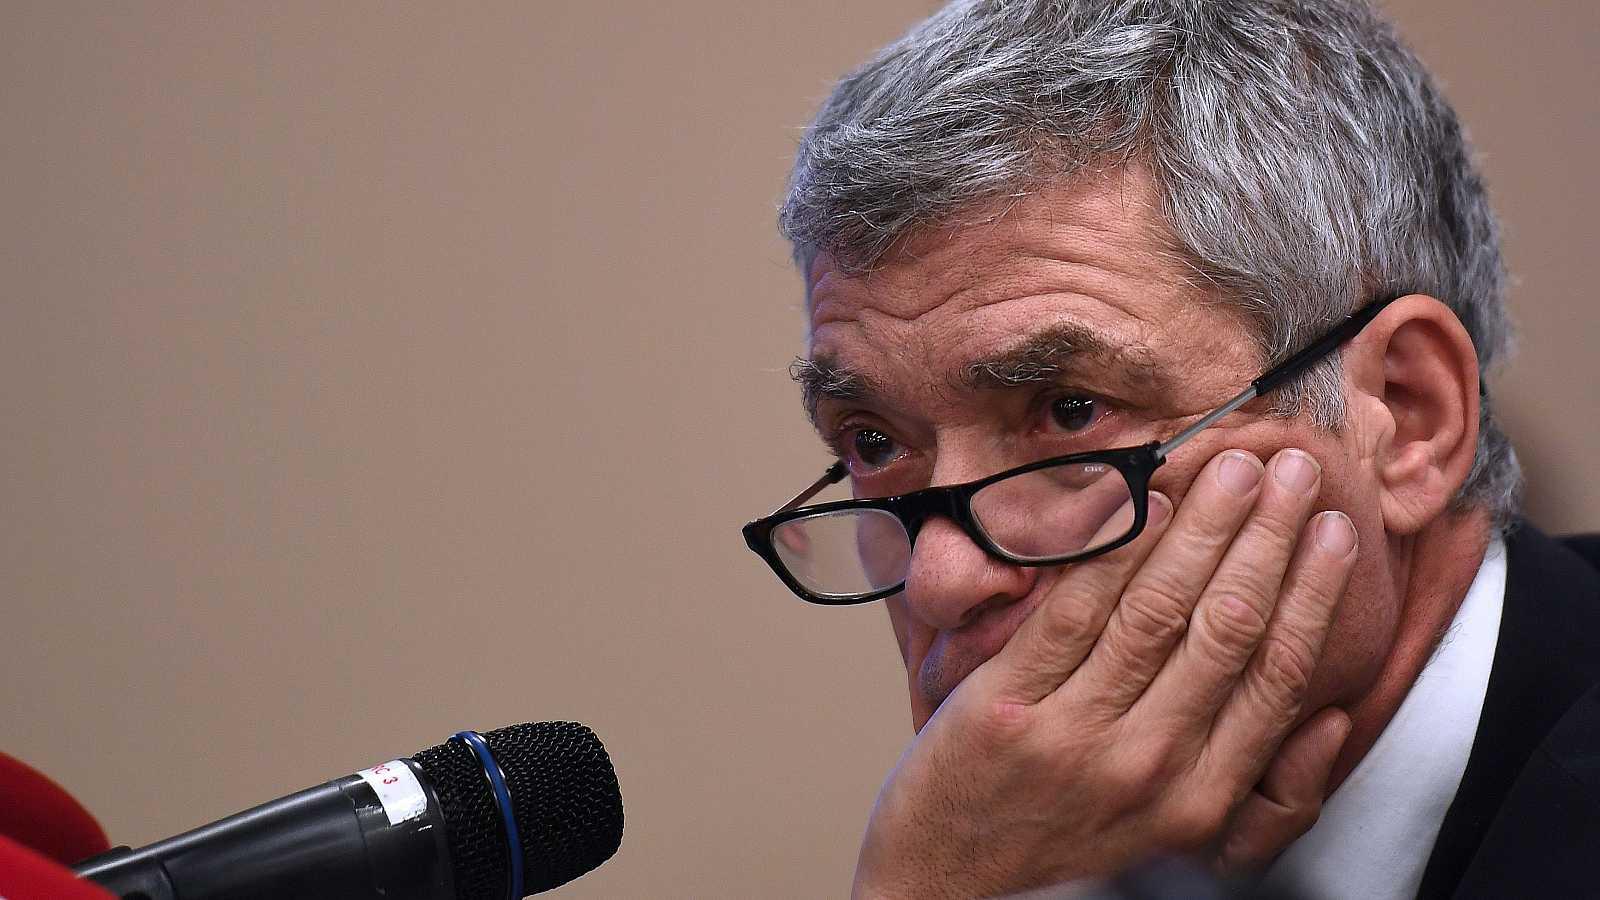 Ángel María Villar ha sido destituido como presidente de la Federación Española de Fútbol por decisión del TAD, que considera que vulneró la neutralidad del proceso electoral de la RFEF.